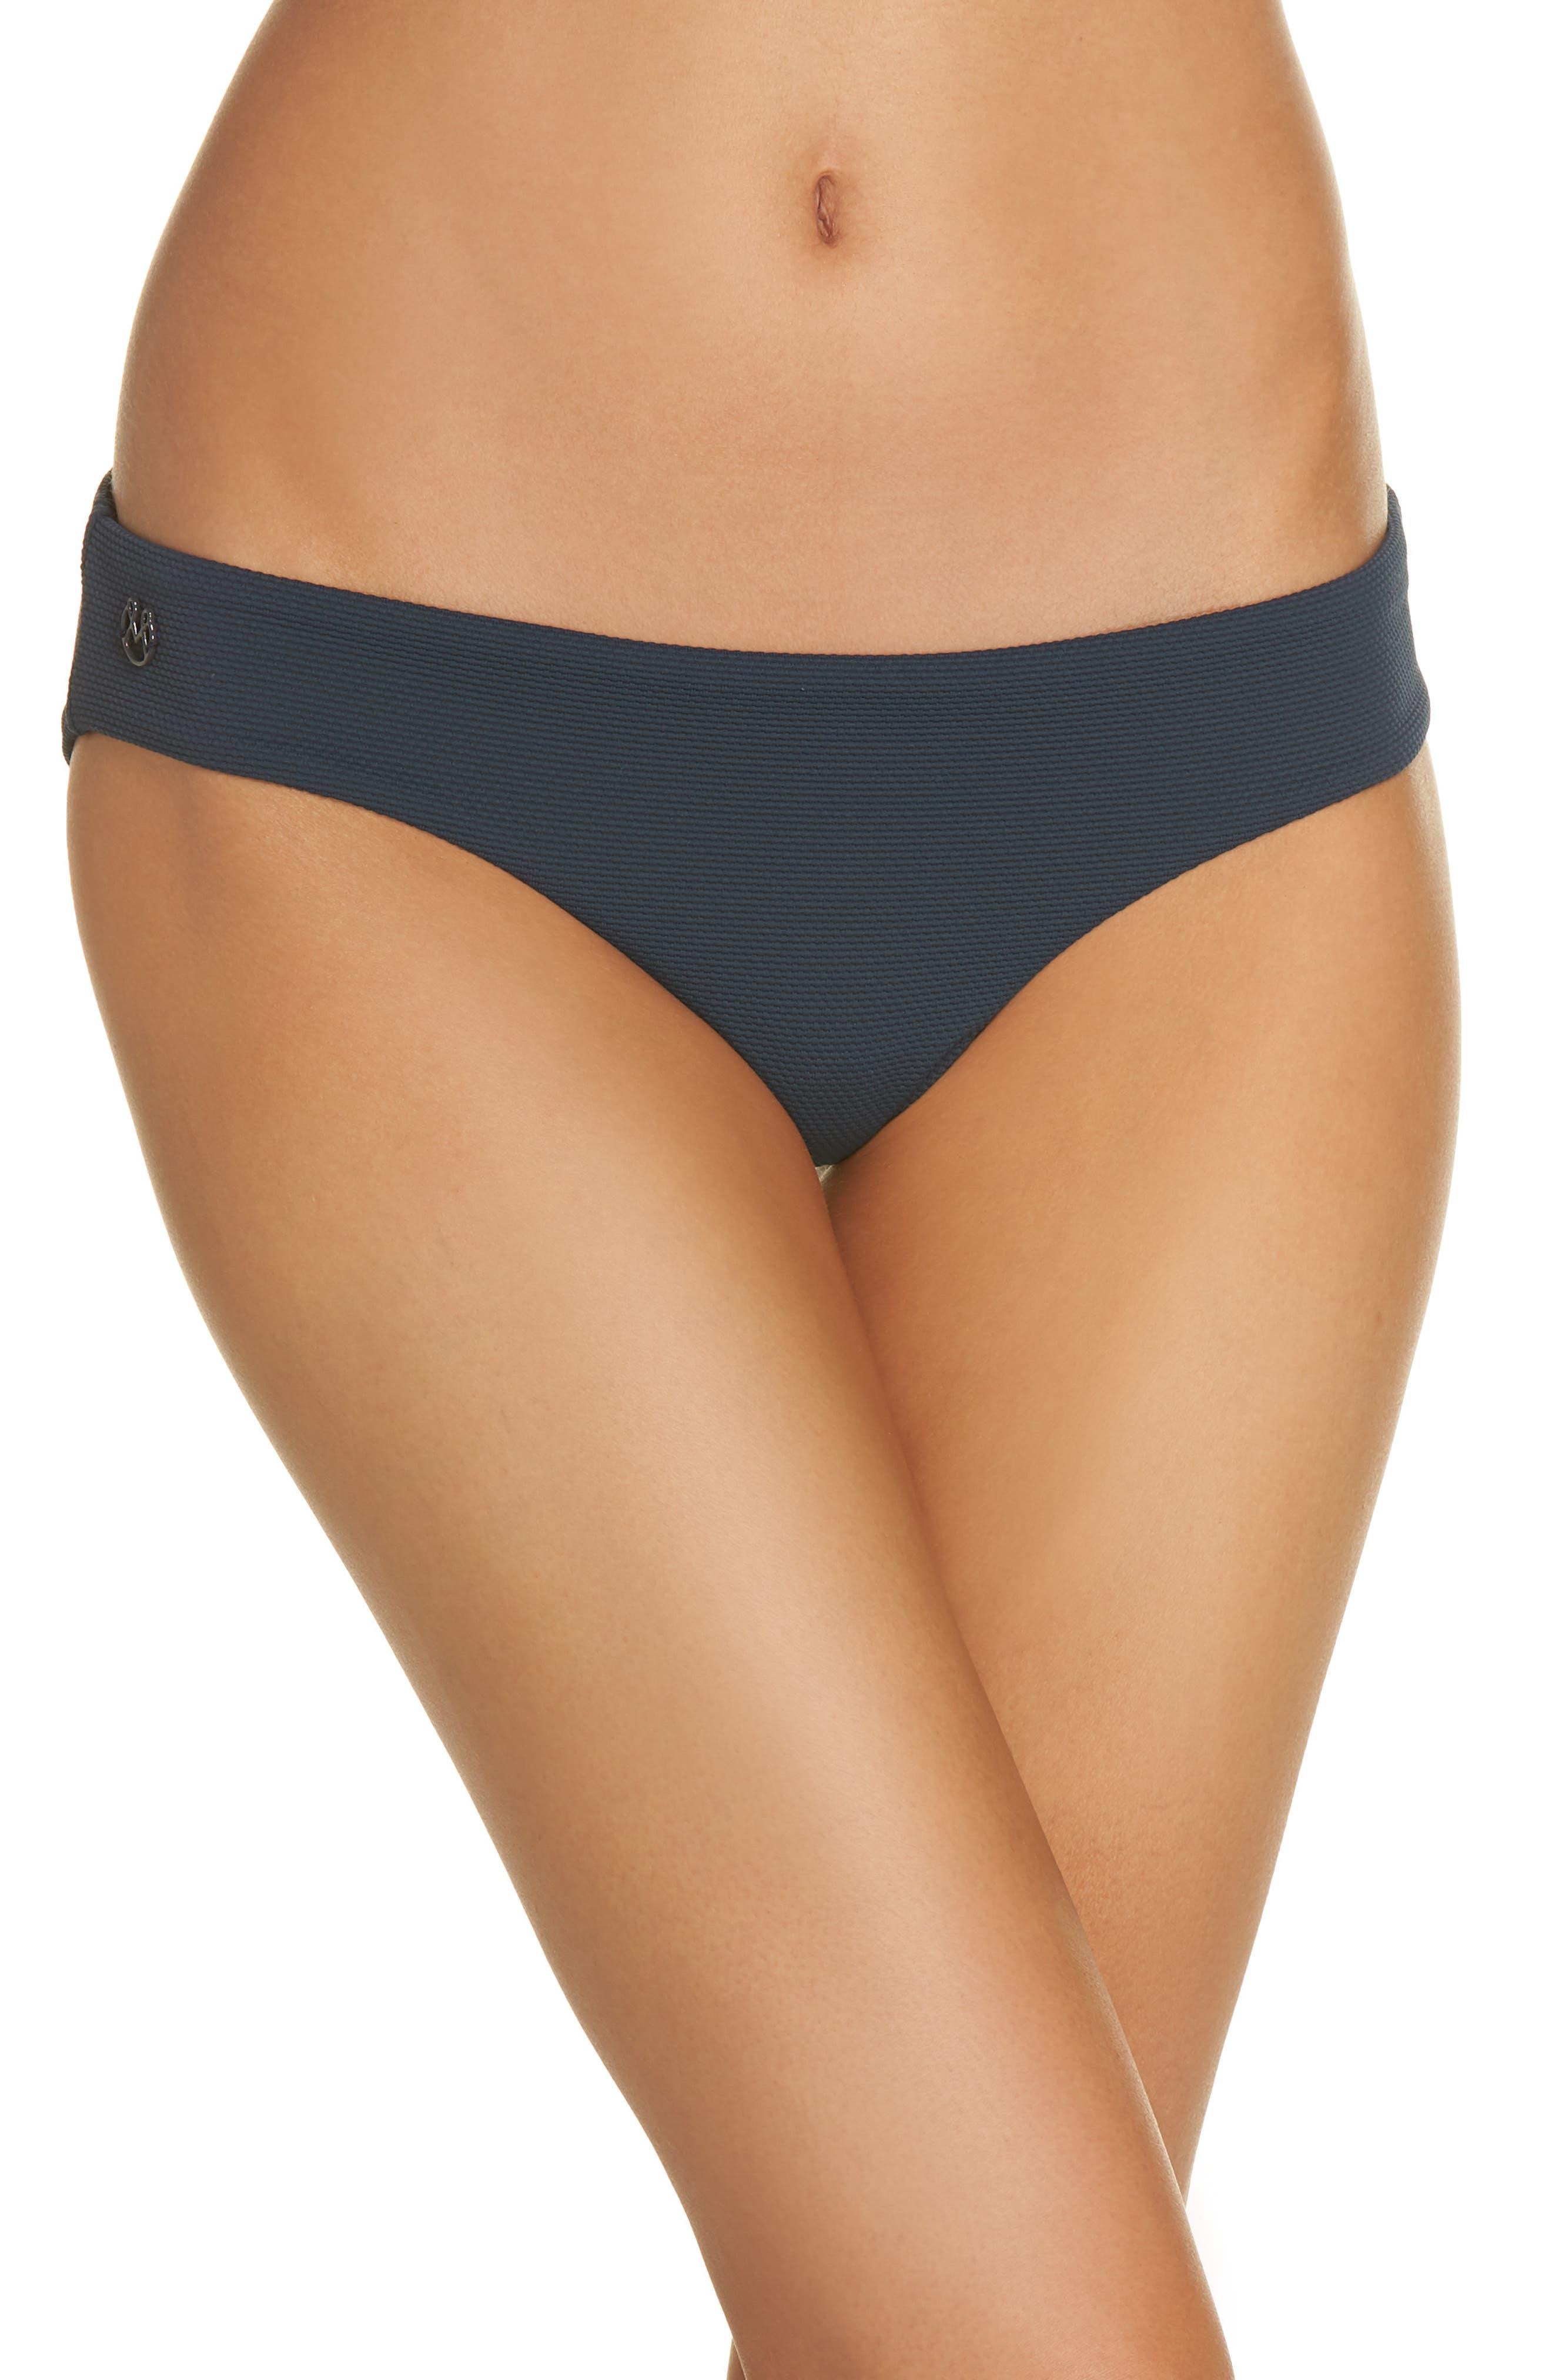 Stargazer Sublime Signature Reversible Bikini Bottoms,                             Main thumbnail 1, color,                             Stargazer